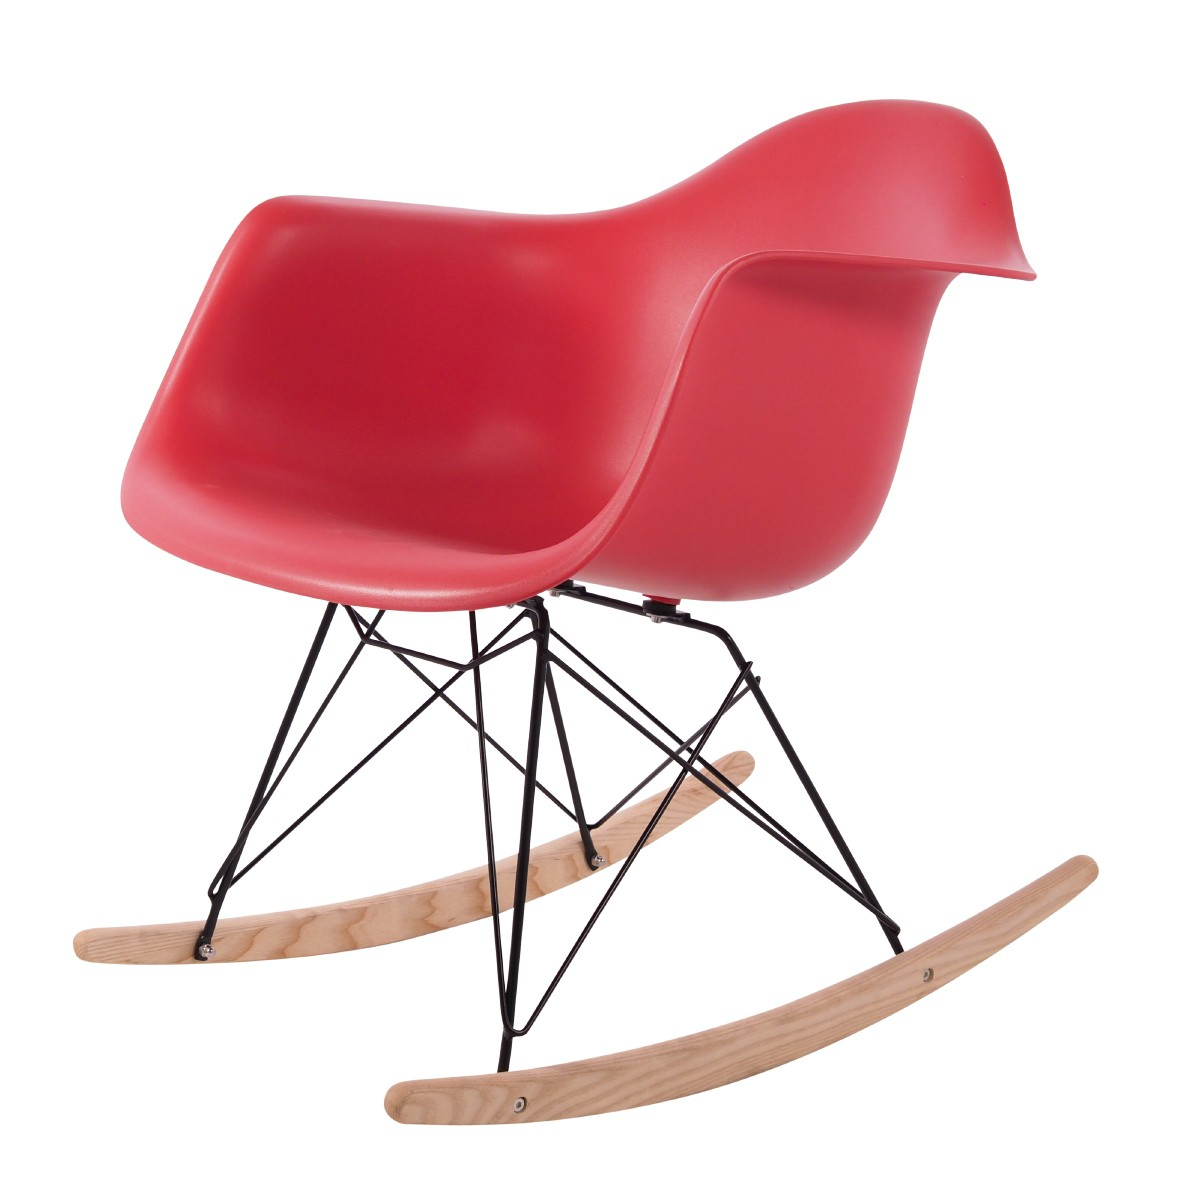 Schommelstoel Baby Roze.Charles Eames Schommelstoel Rar Zwart Frame Schommelstoel Design